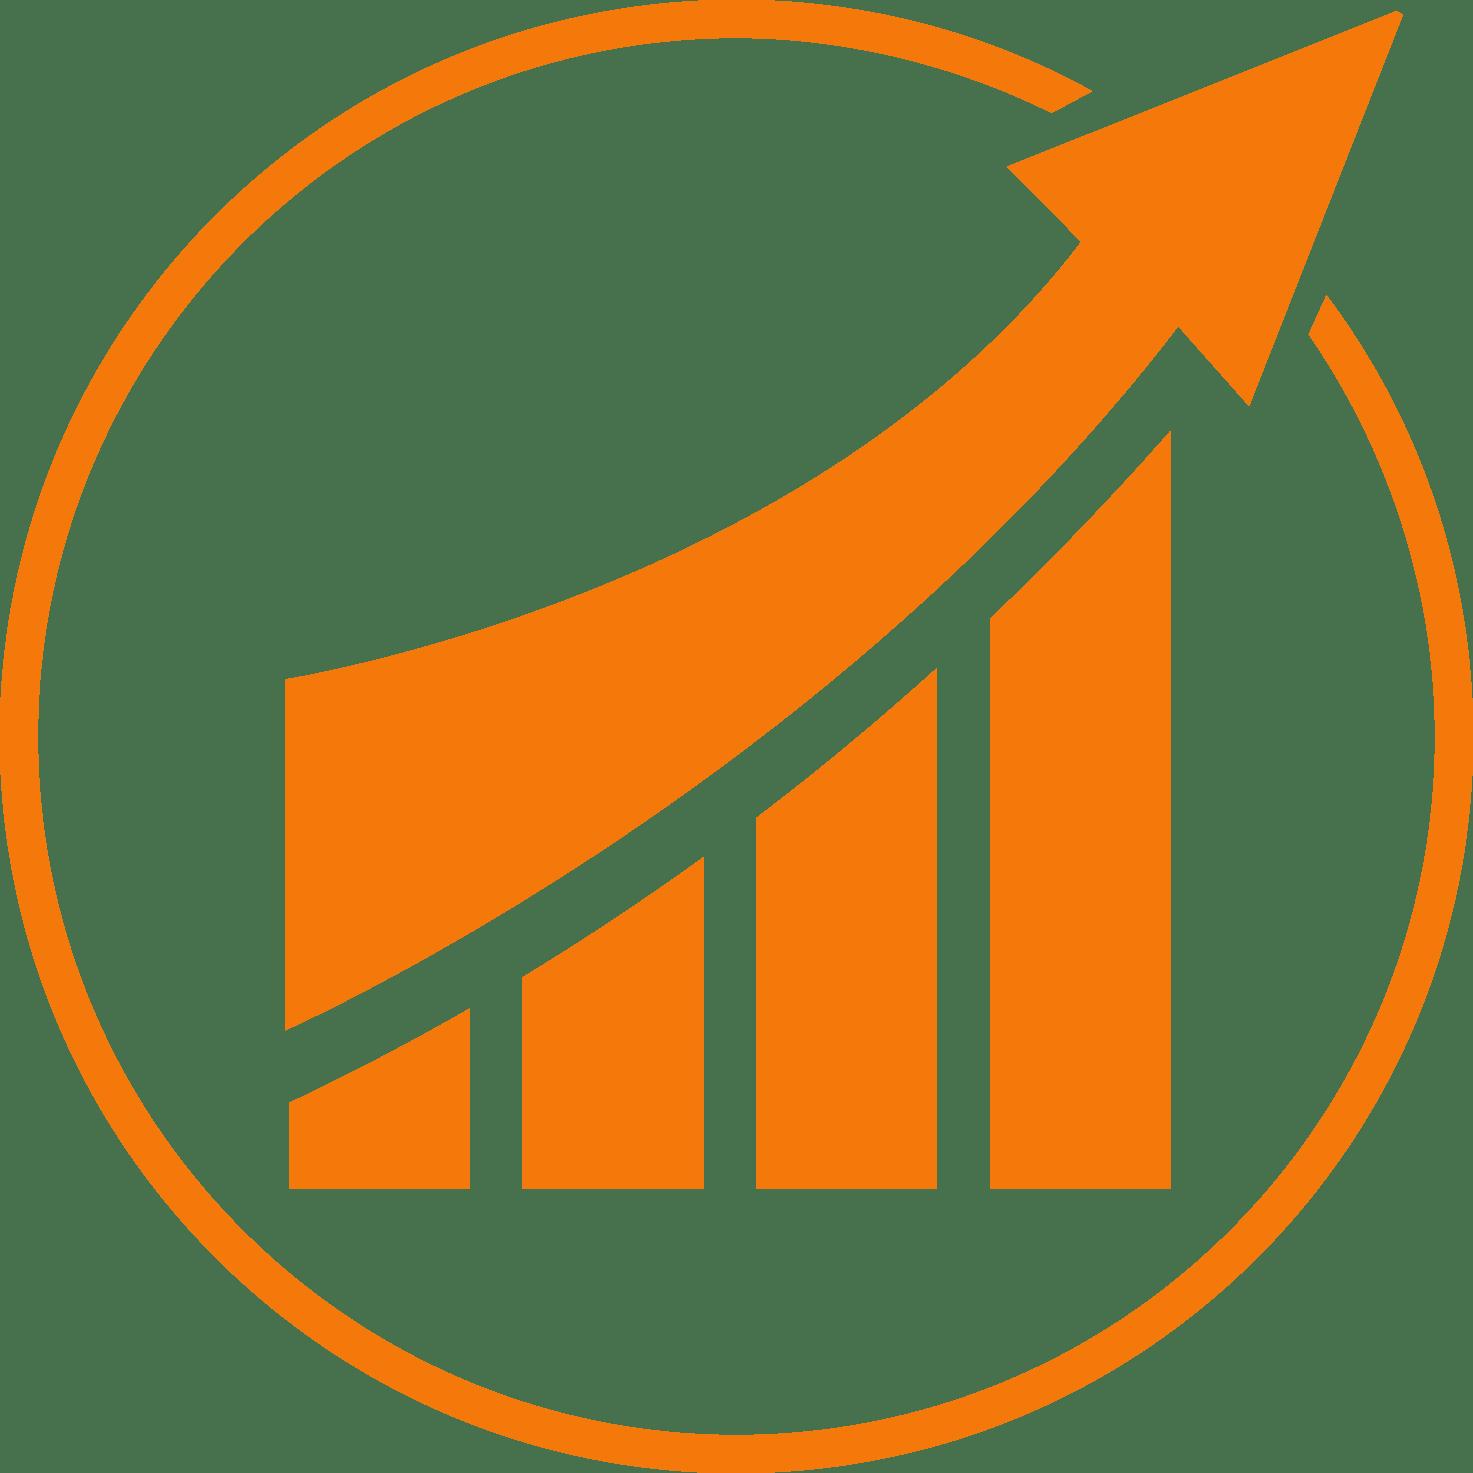 گروه مشاوره تاثیر توسعه کسب وکار افزایش فروش